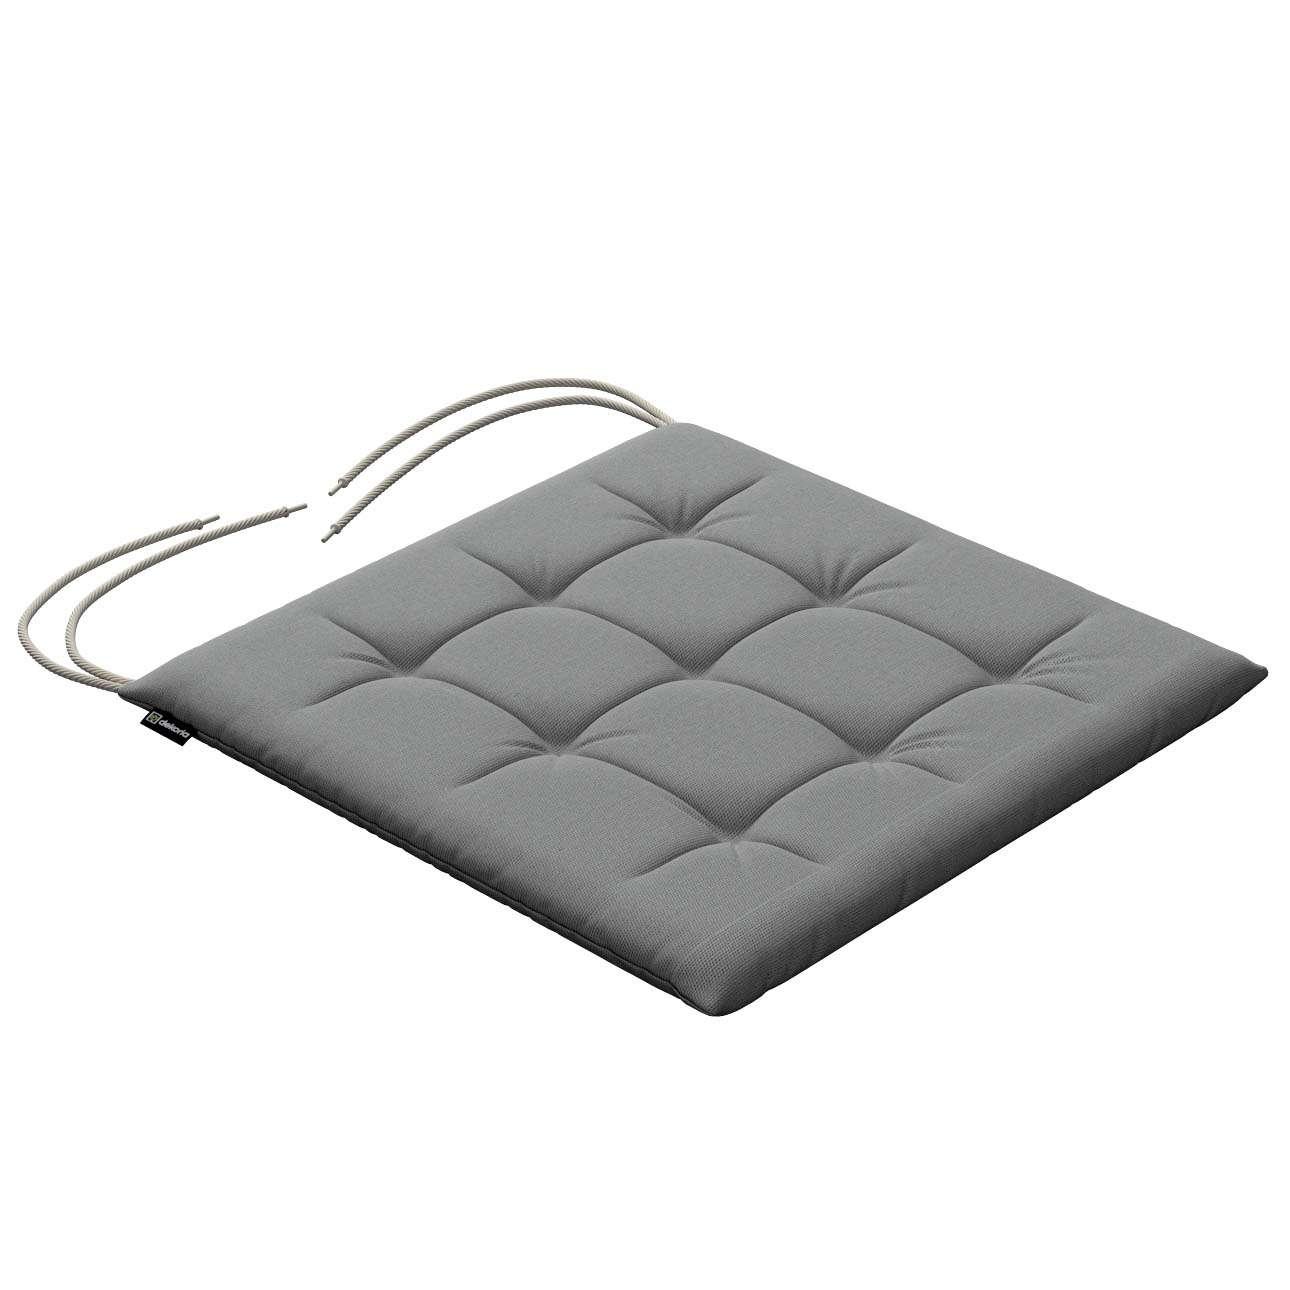 Siedzisko Karol na krzesło 40x40x3,5cm w kolekcji Loneta, tkanina: 133-24